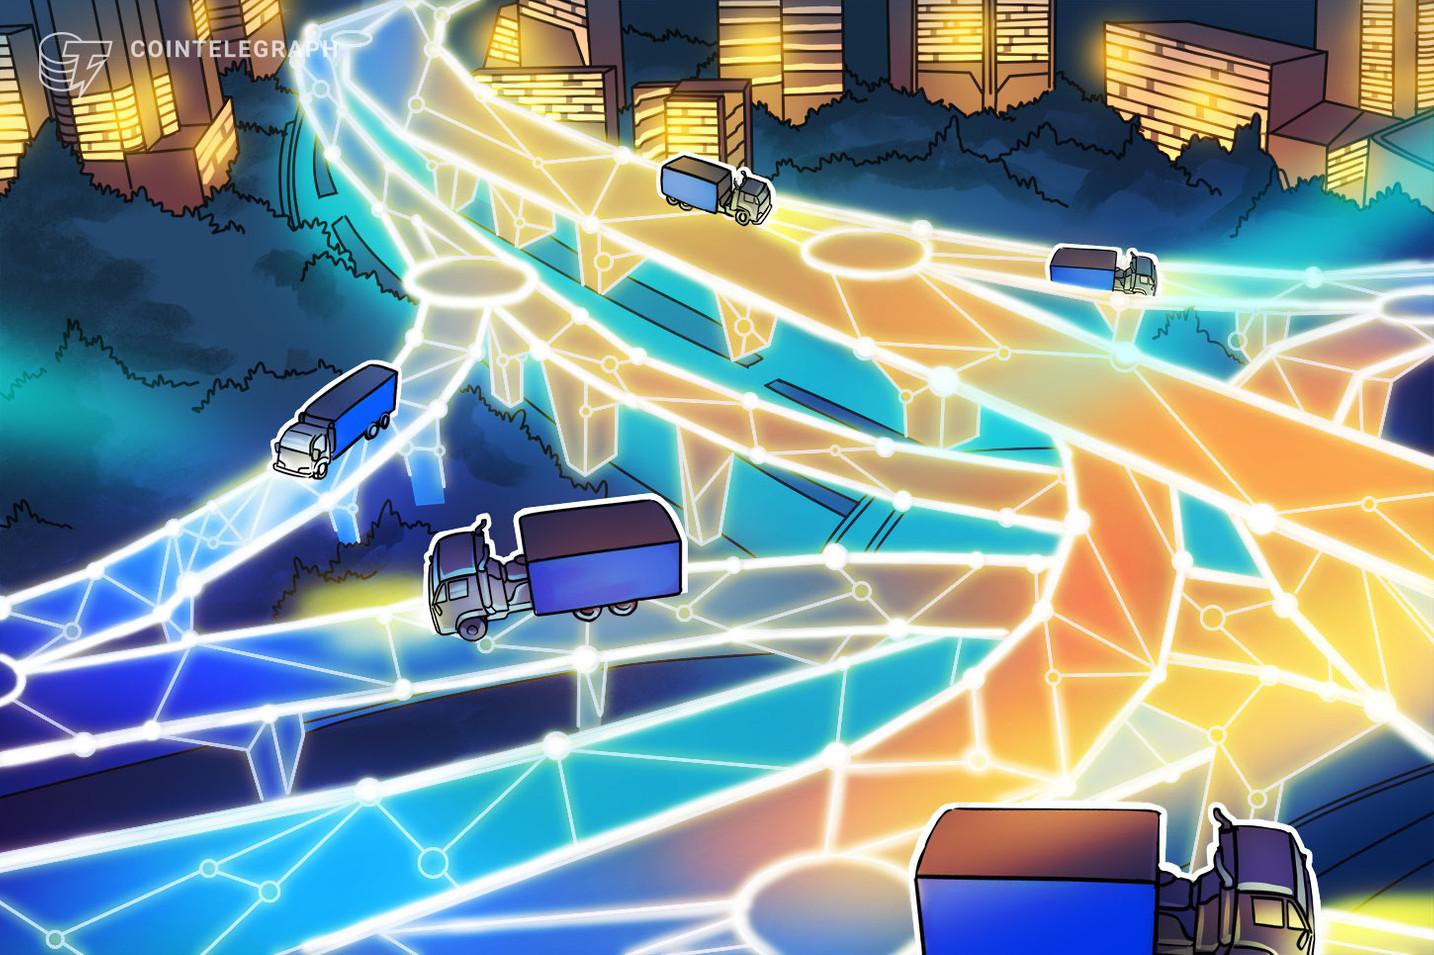 Seagate prossegue com piloto para traçar hard drives através da blockchain